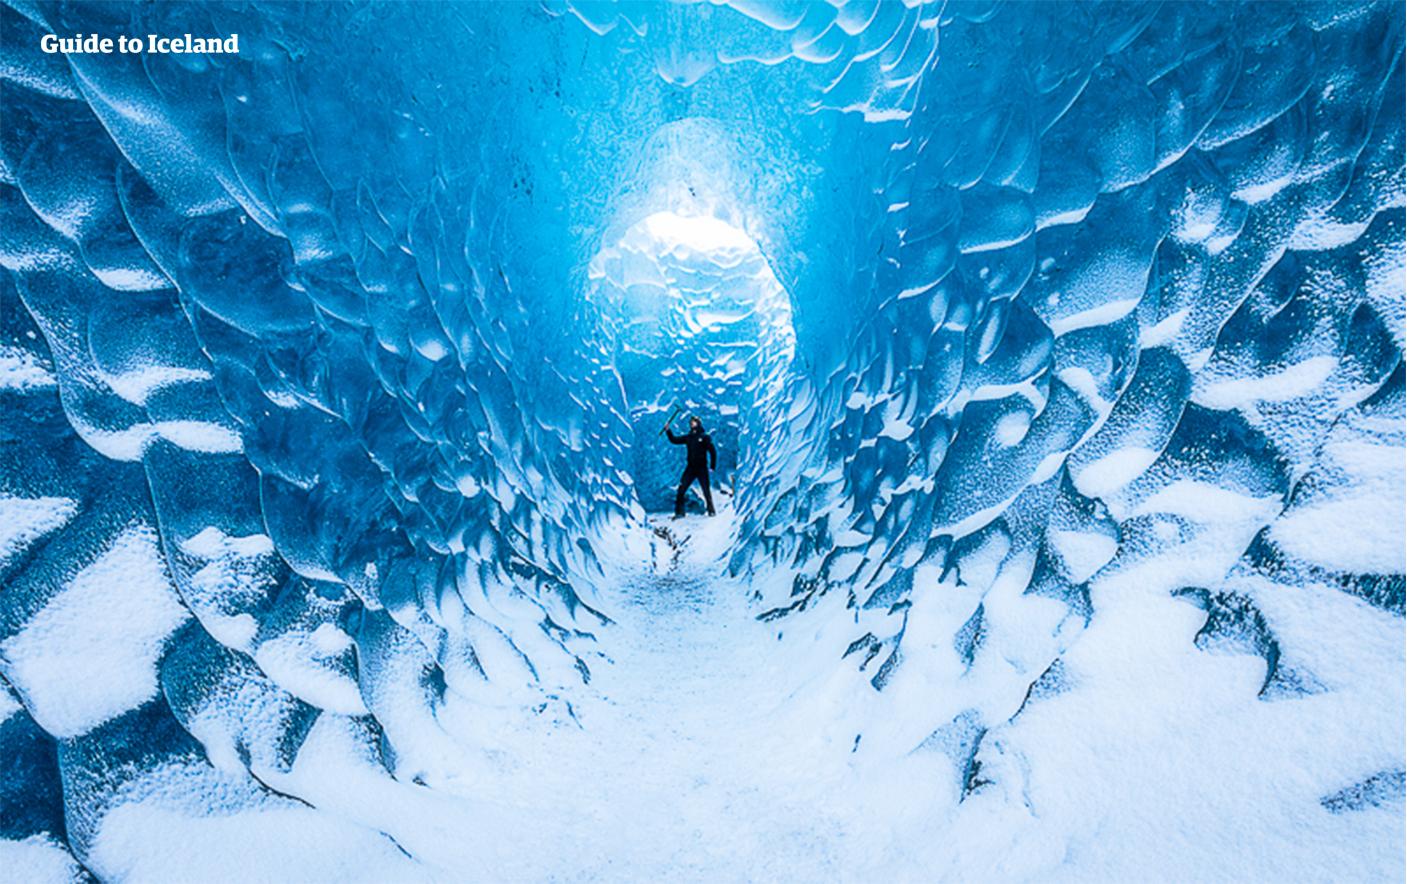 ヴァトナヨークトル氷河にある氷の洞窟の中の様子